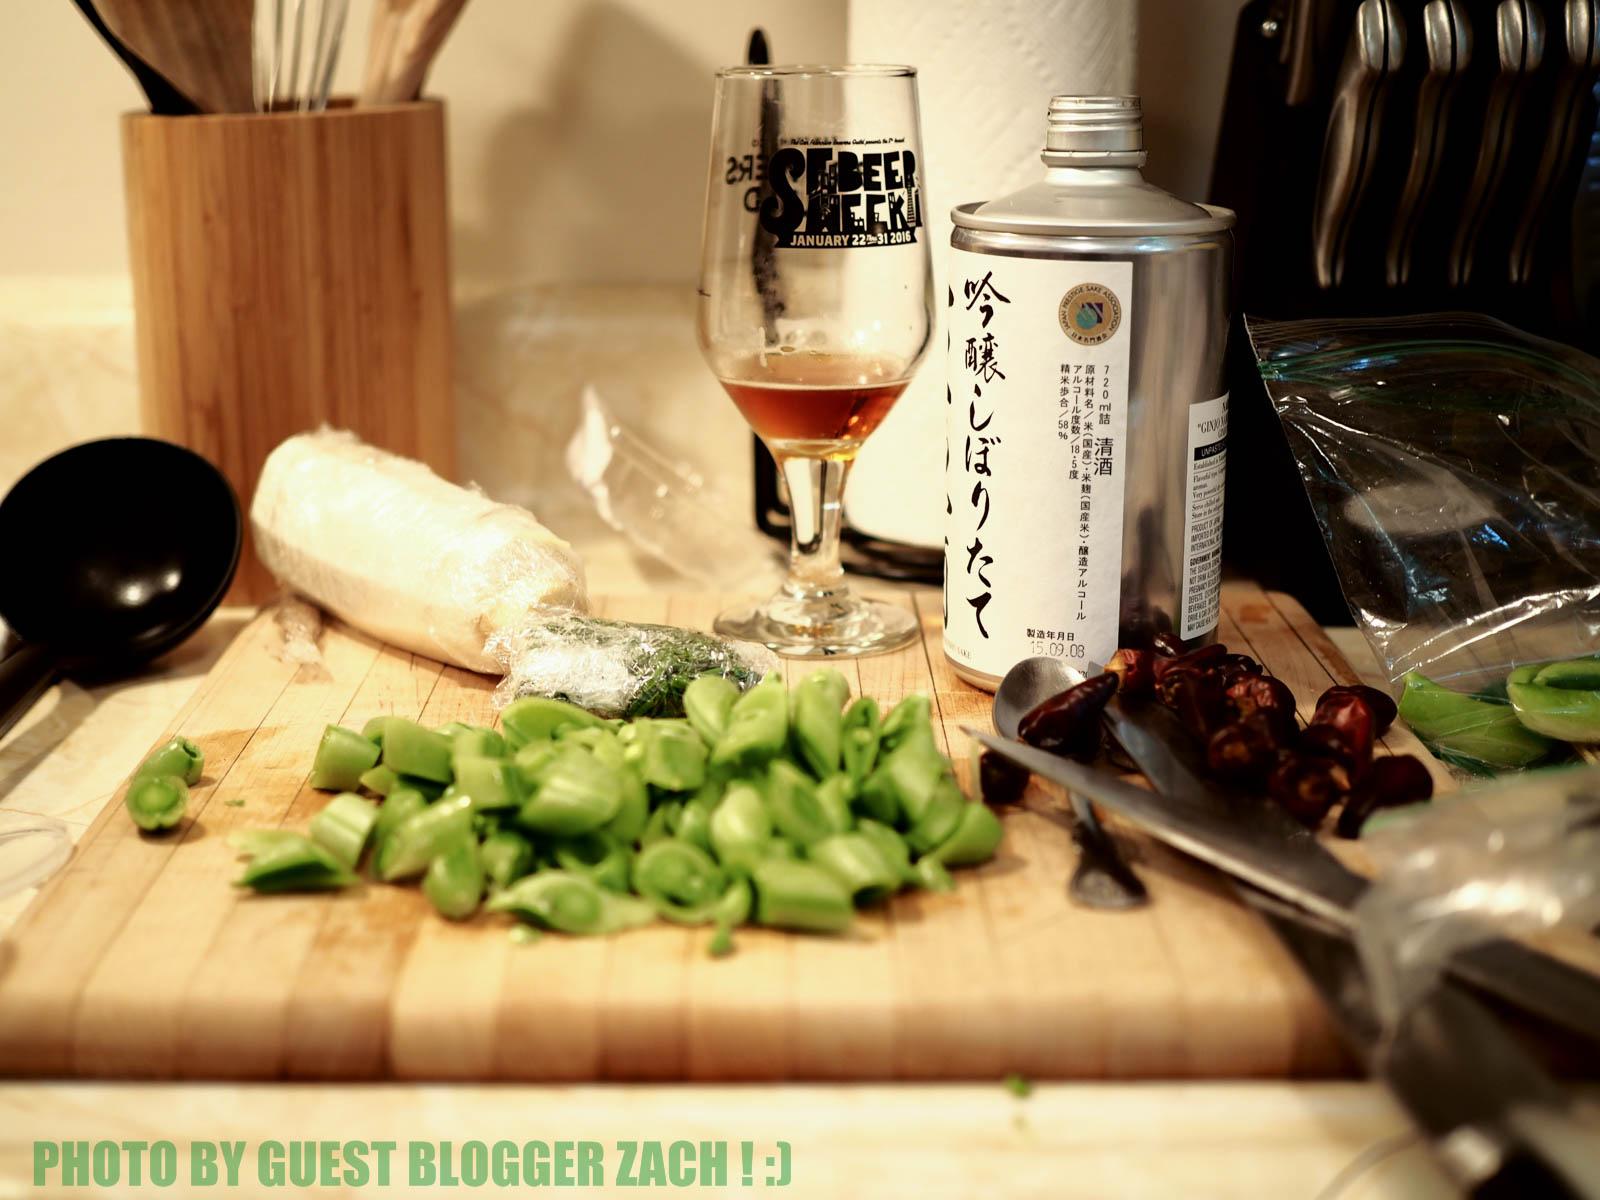 sushi-night-zach-1.jpg